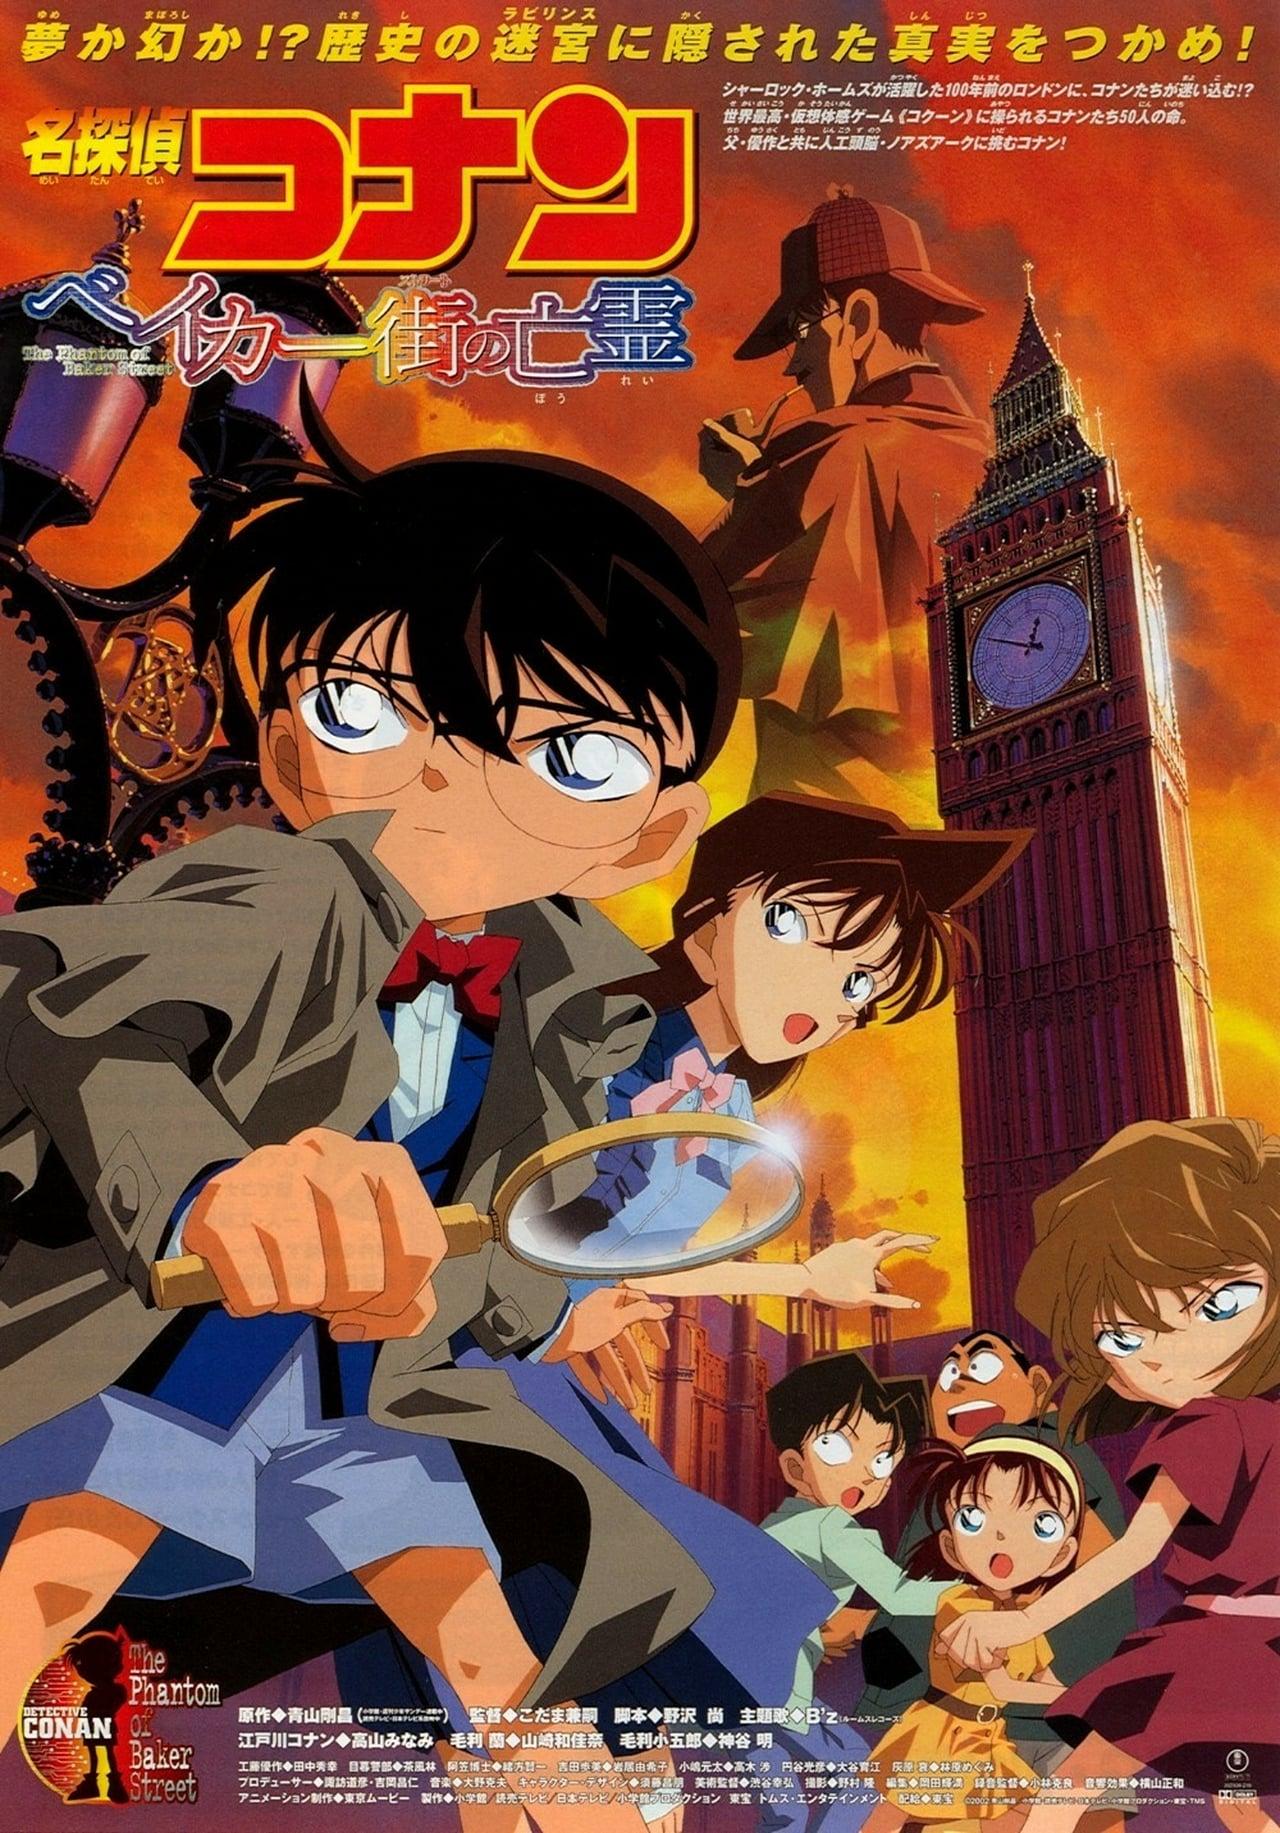 Detective Conan : Film 06 - The Phantom of Baker Street